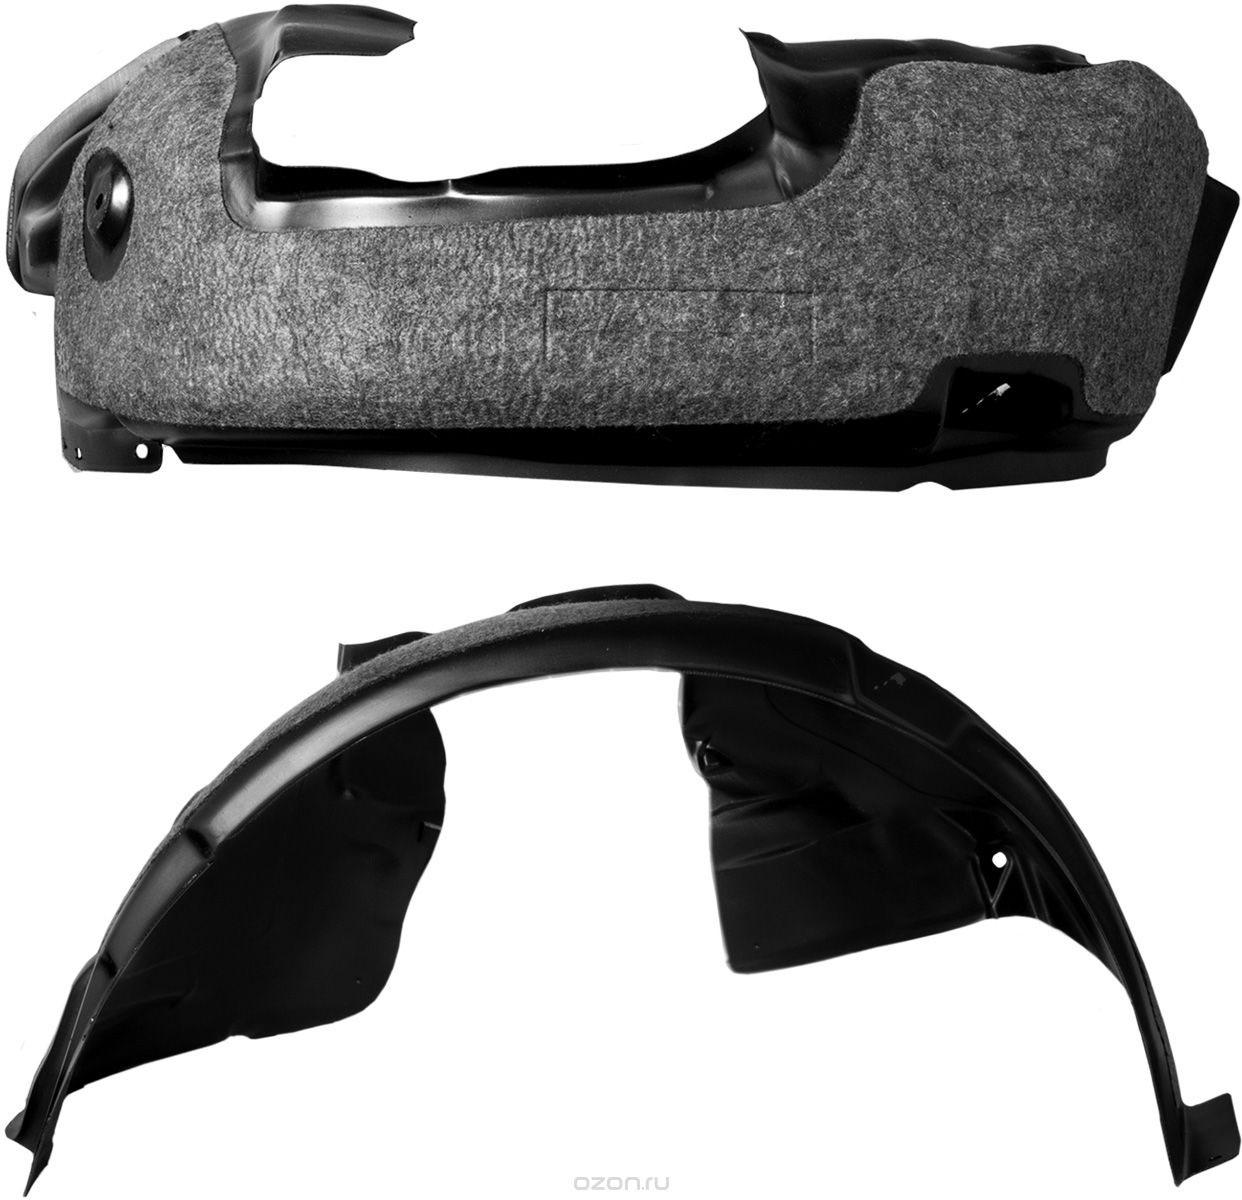 Подкрылок Novline-Autofamily, с шумоизоляцией, для RAVON Gentra, 2013->, седан, передний правыйIRK-503Идеальная защита колесной ниши. Локеры разработаны с применением цифровых технологий, гарантируют максимальную повторяемость поверхности арки. Изделия устанавливаются без нарушения лакокрасочного покрытия автомобиля, каждый подкрылок комплектуется крепежом. Уважаемые клиенты, обращаем ваше внимание, что фотографии на подкрылки универсальные и не отражают реальную форму изделия. При этом само изделие идет точно под размер указанного автомобиля.